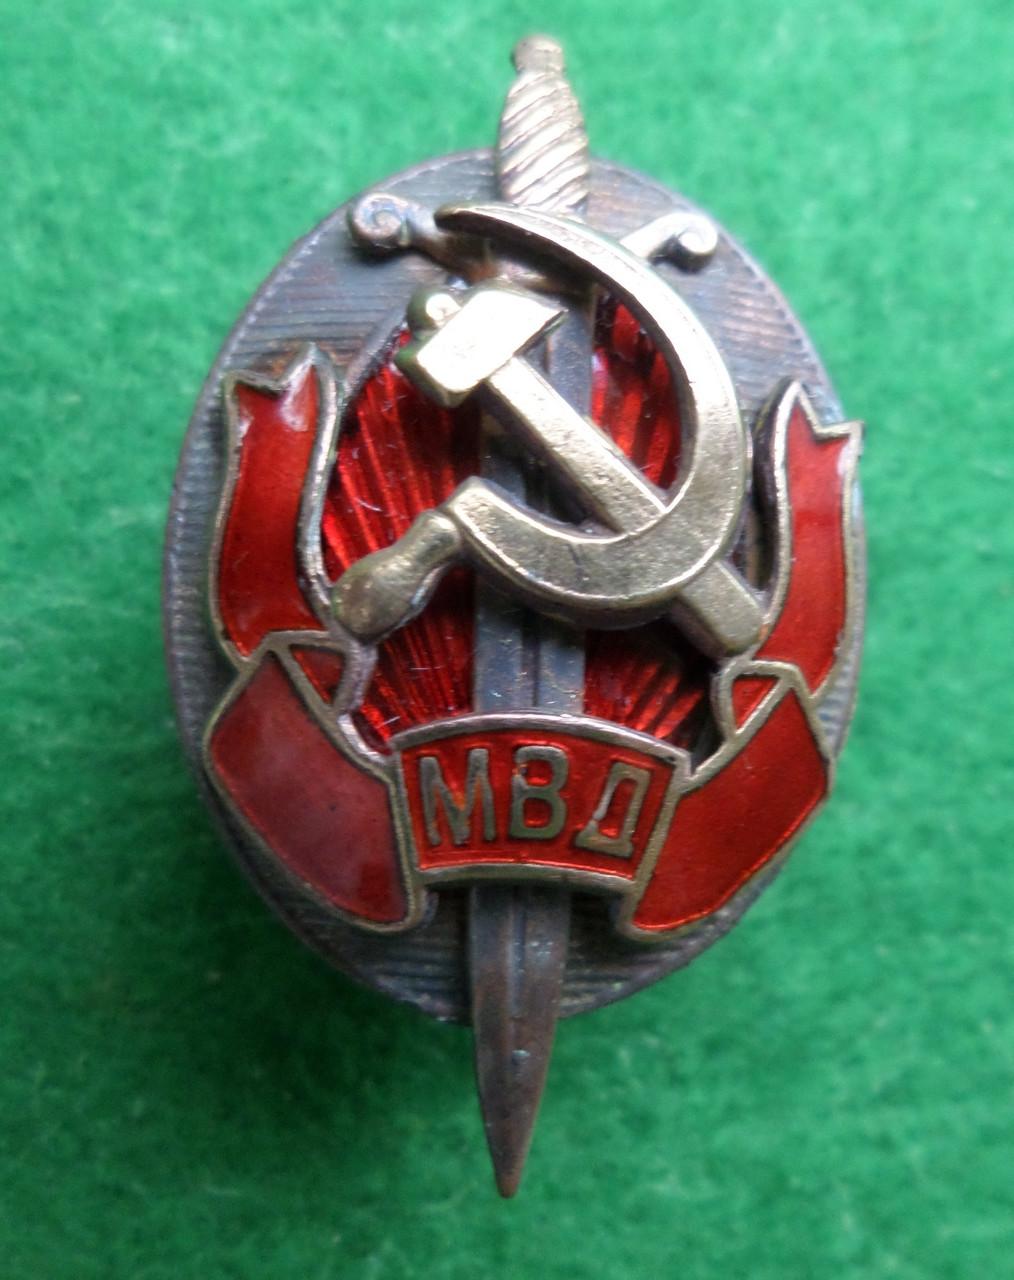 Нагрудный знак «Заслуженный работник МВД» 1946 год томпак,серебрение,позолота  копия